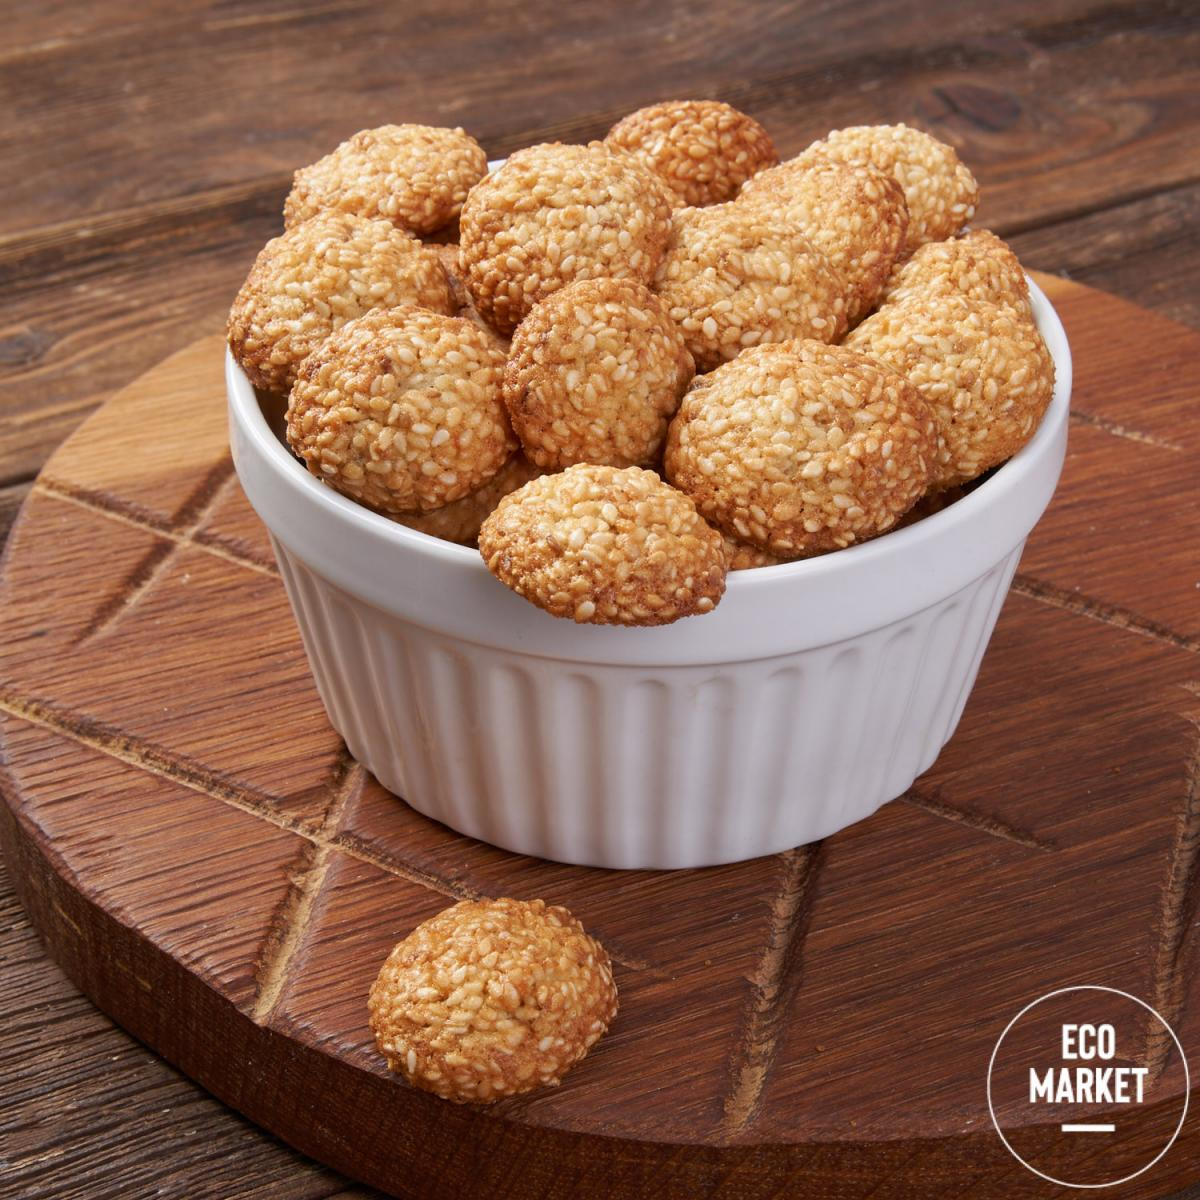 Печенье кунжутное Ecomarket.ru - 100 г